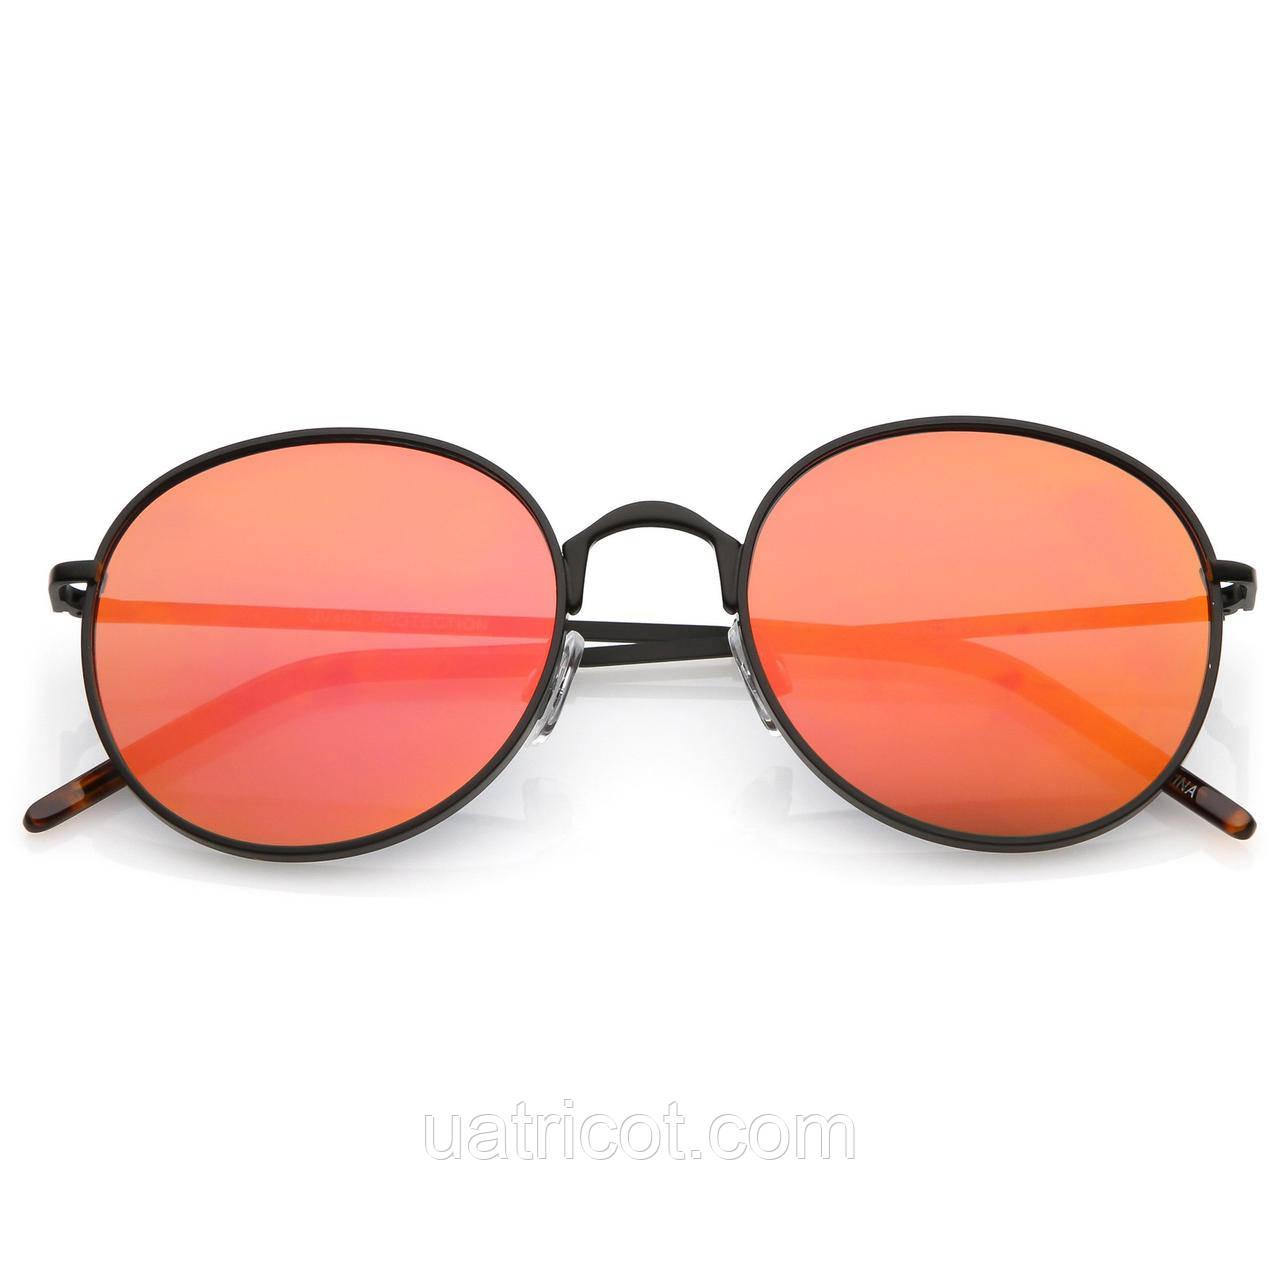 Мужские круглые солнцезащитные очки Retro с оранжевой зеркальной линзой